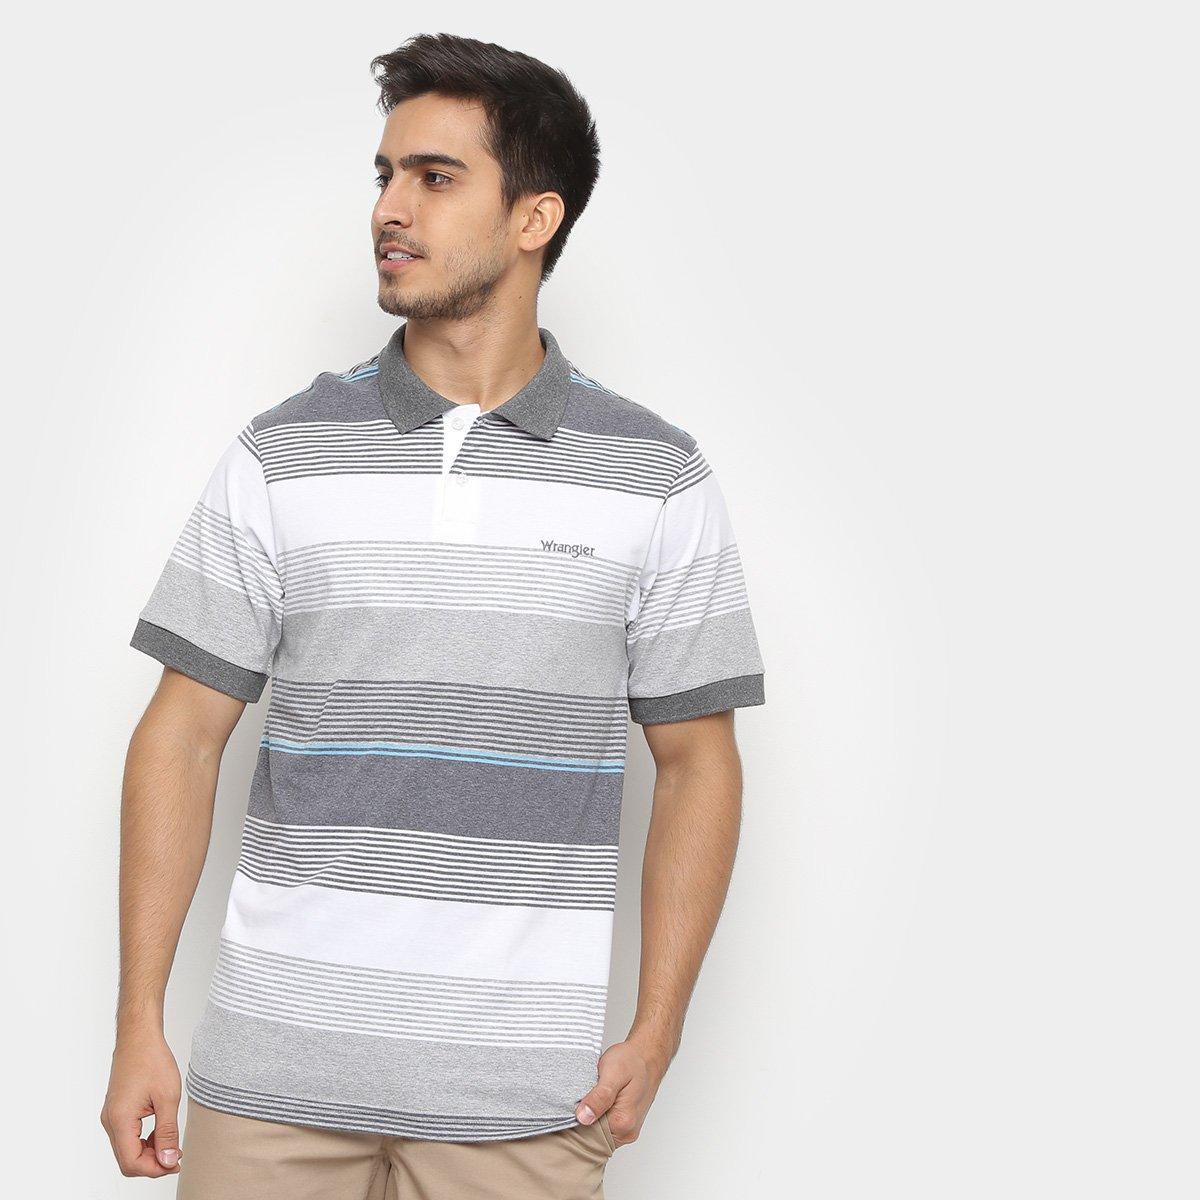 Camisas Polo Wrangler Estampa Listrada Masculina